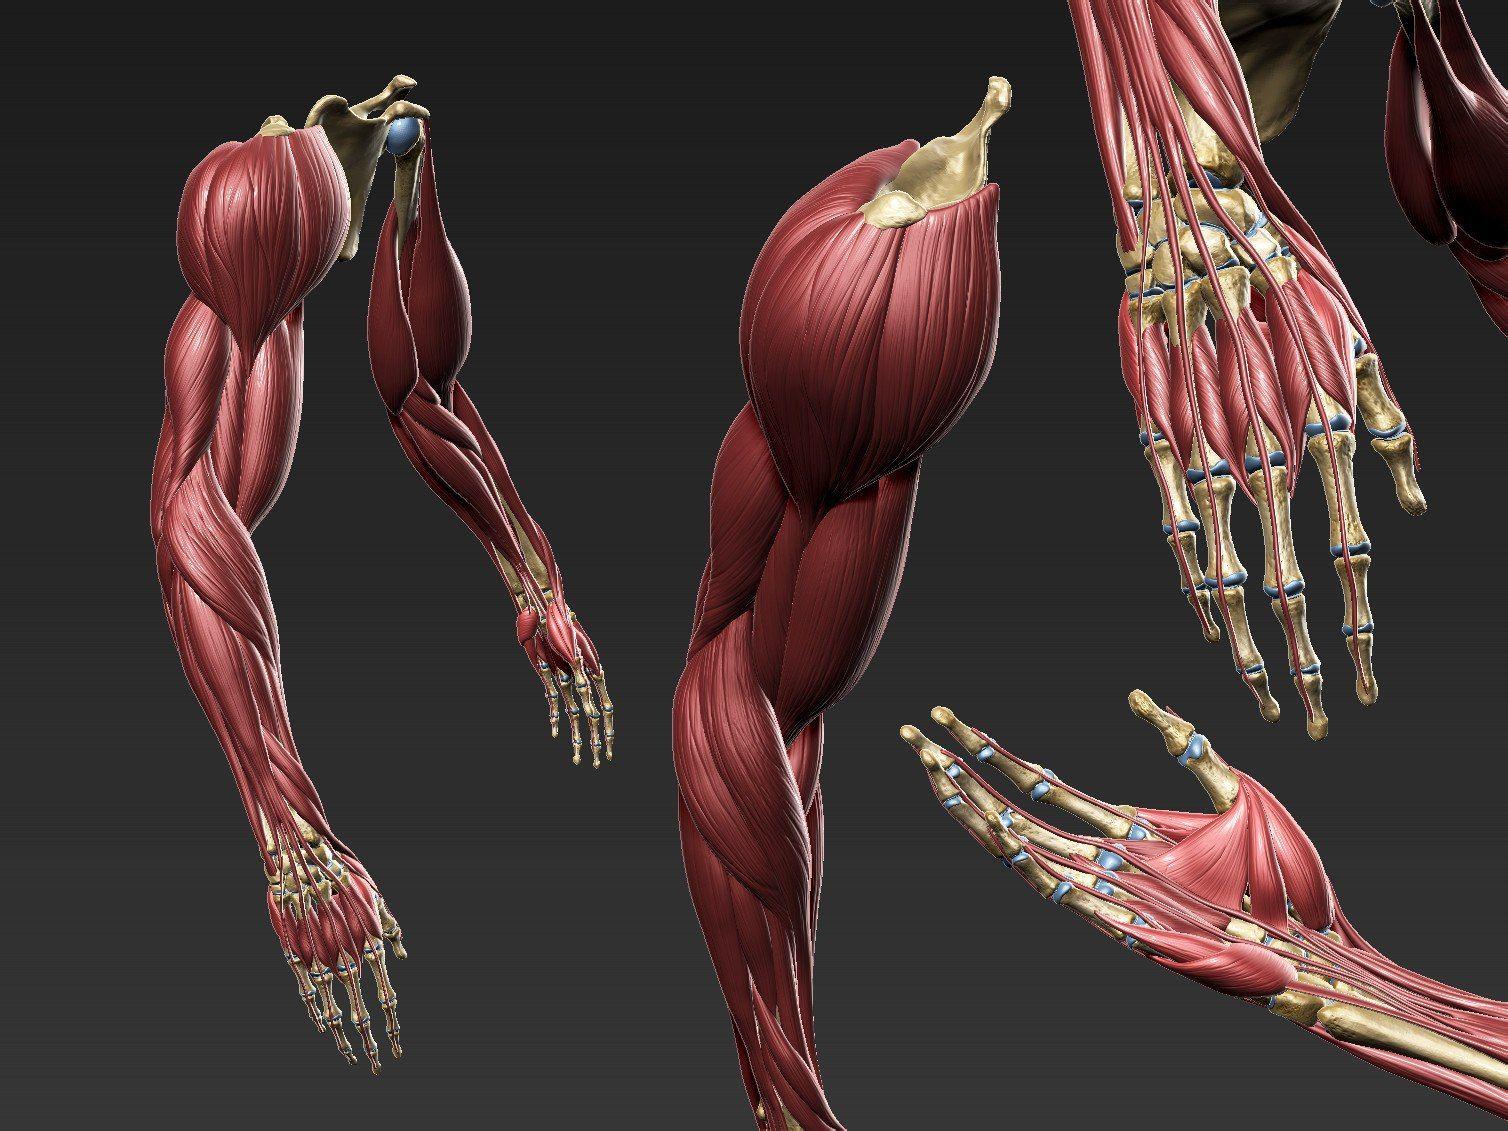 строение руки человека фото так сайте нашего